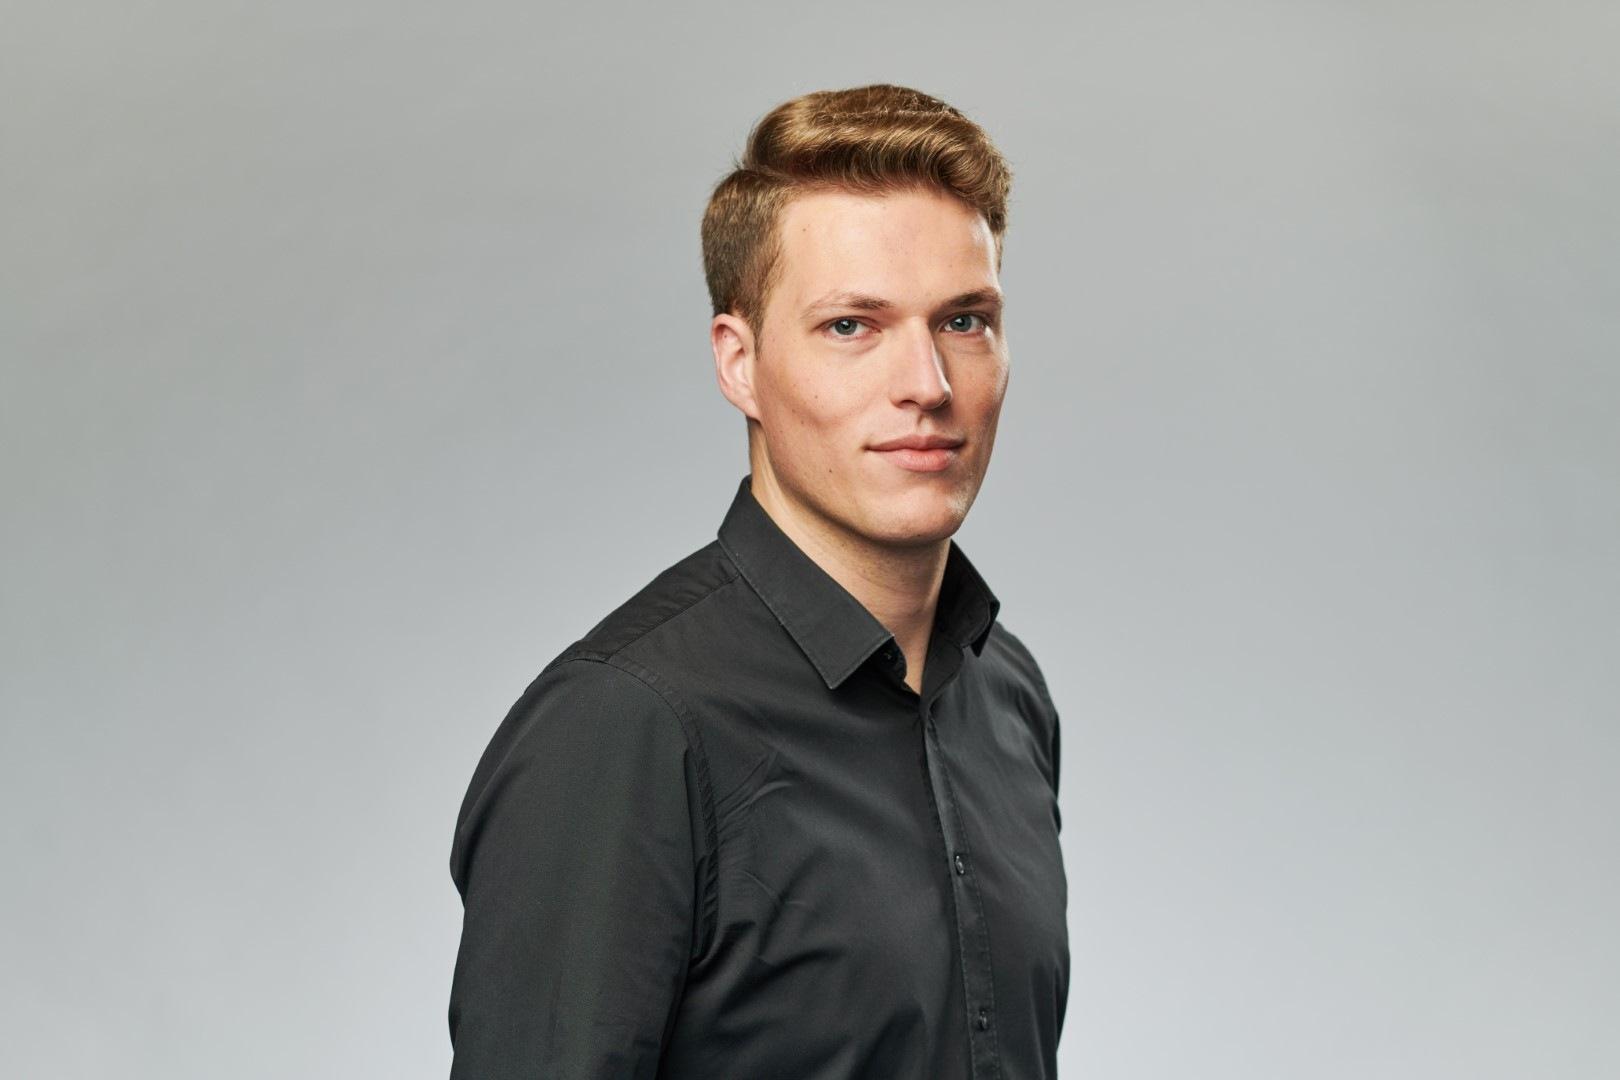 Martin Drent